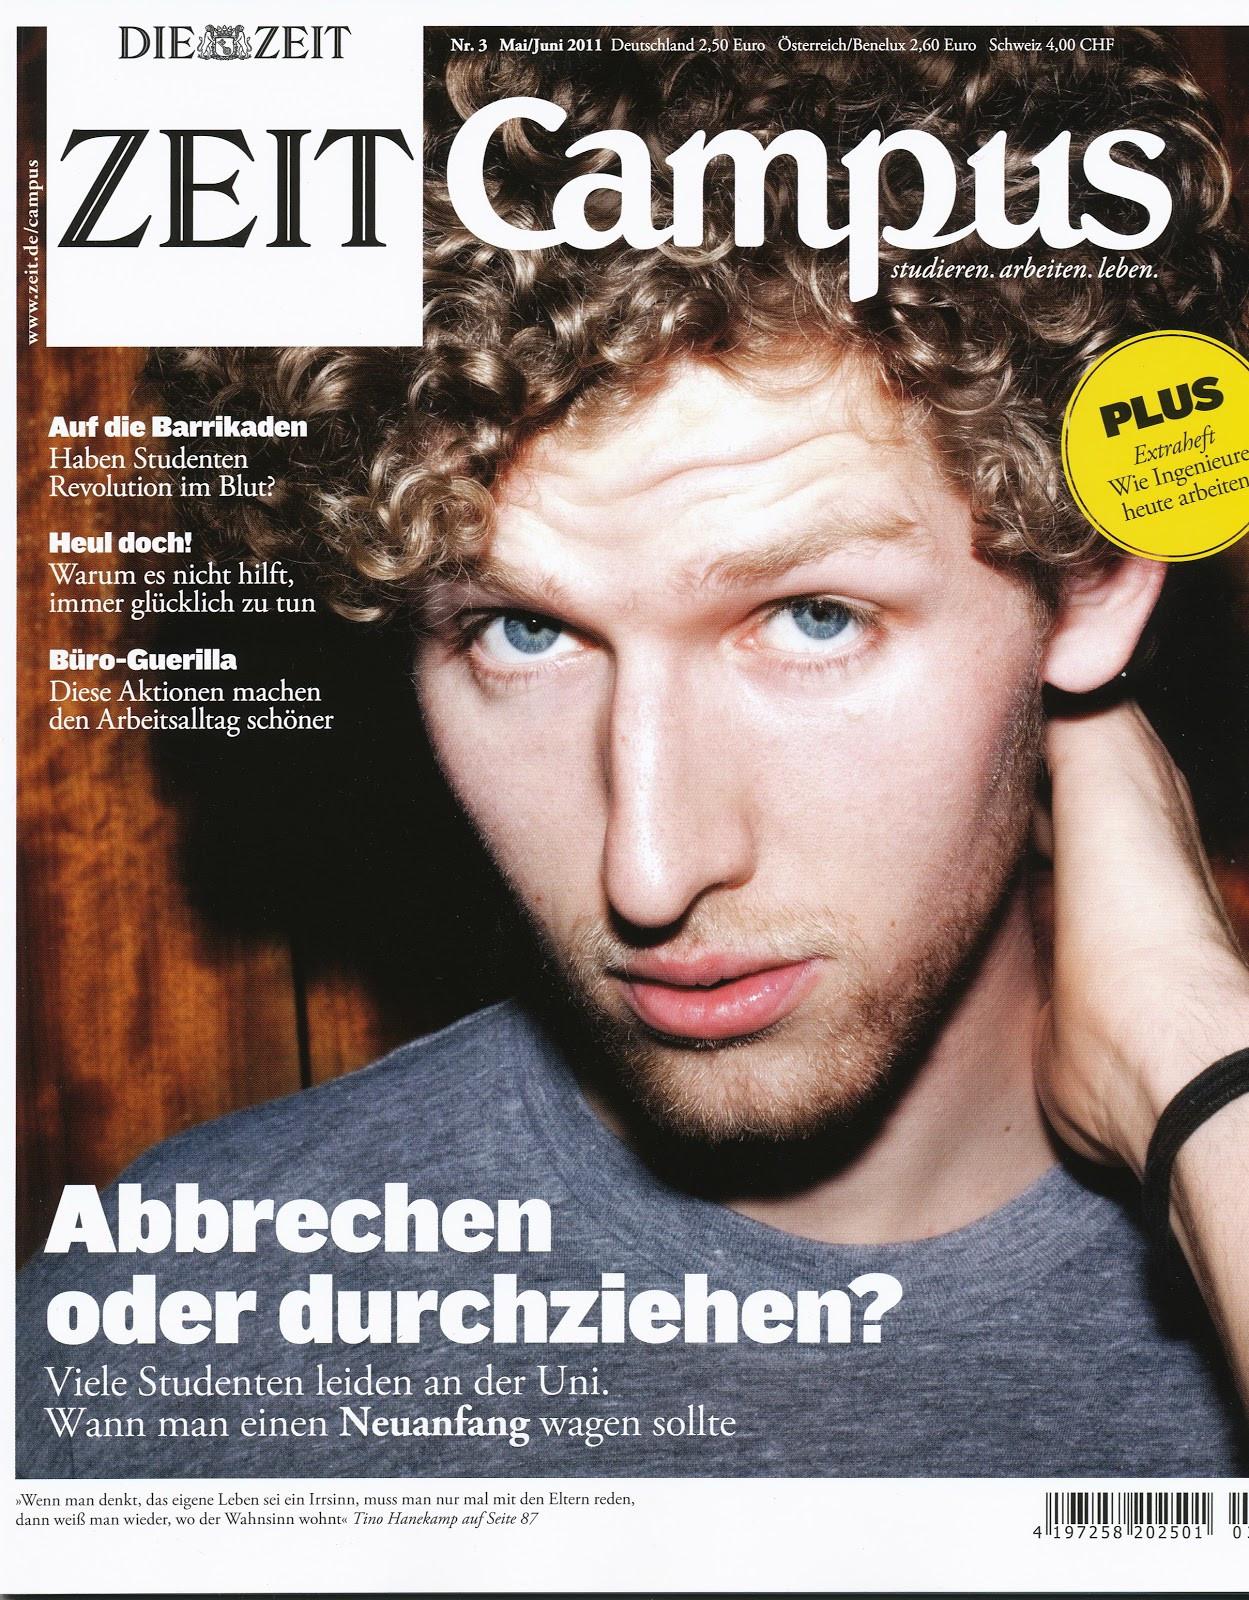 Campus_5